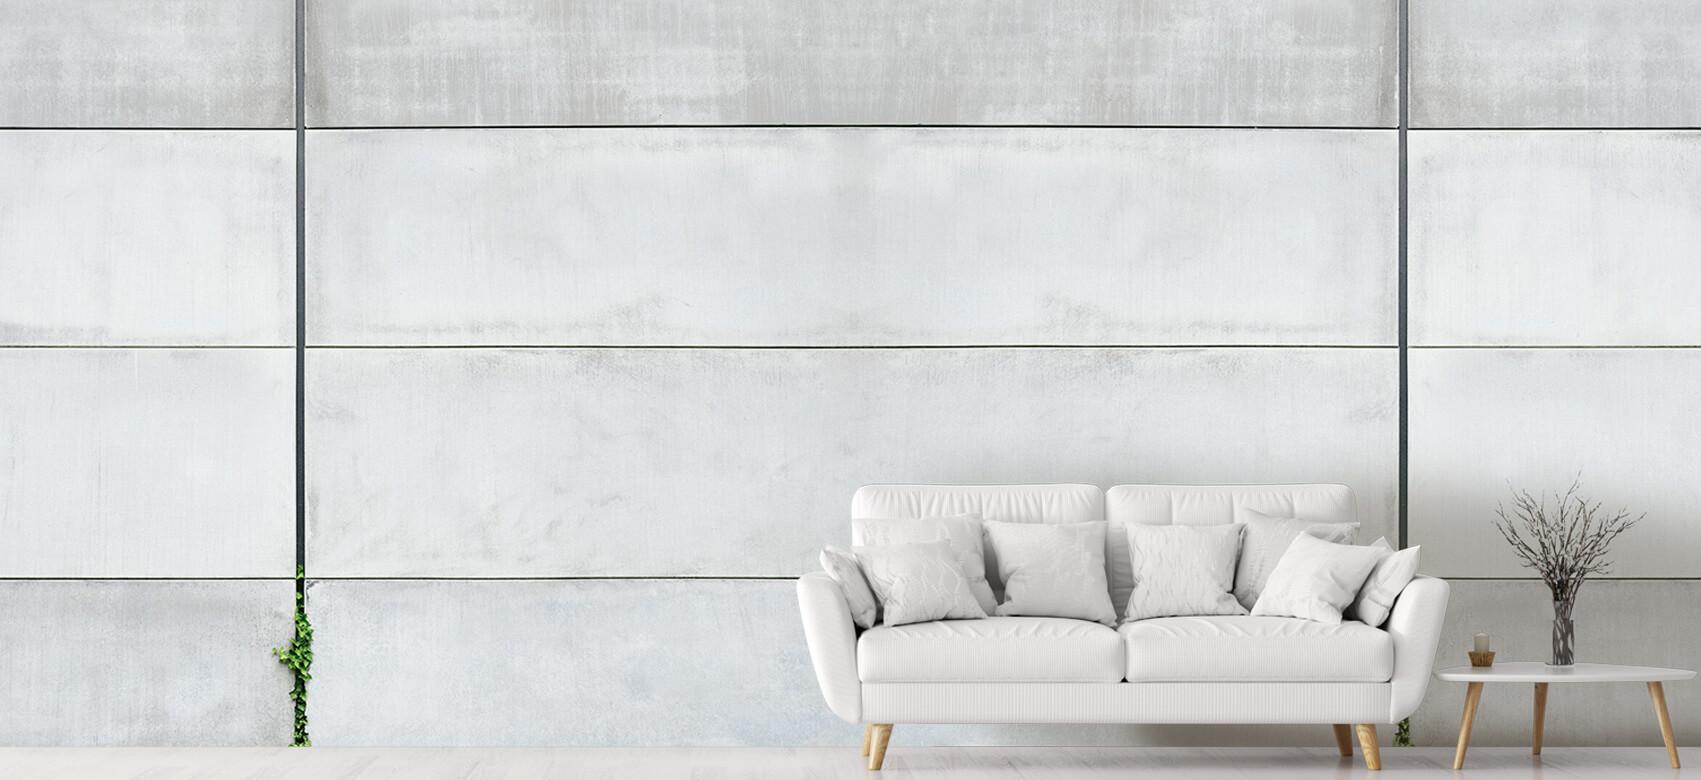 Betonlook behang - Panorama betonnen muur - Wallexclusive - Ontvangstruimte 4